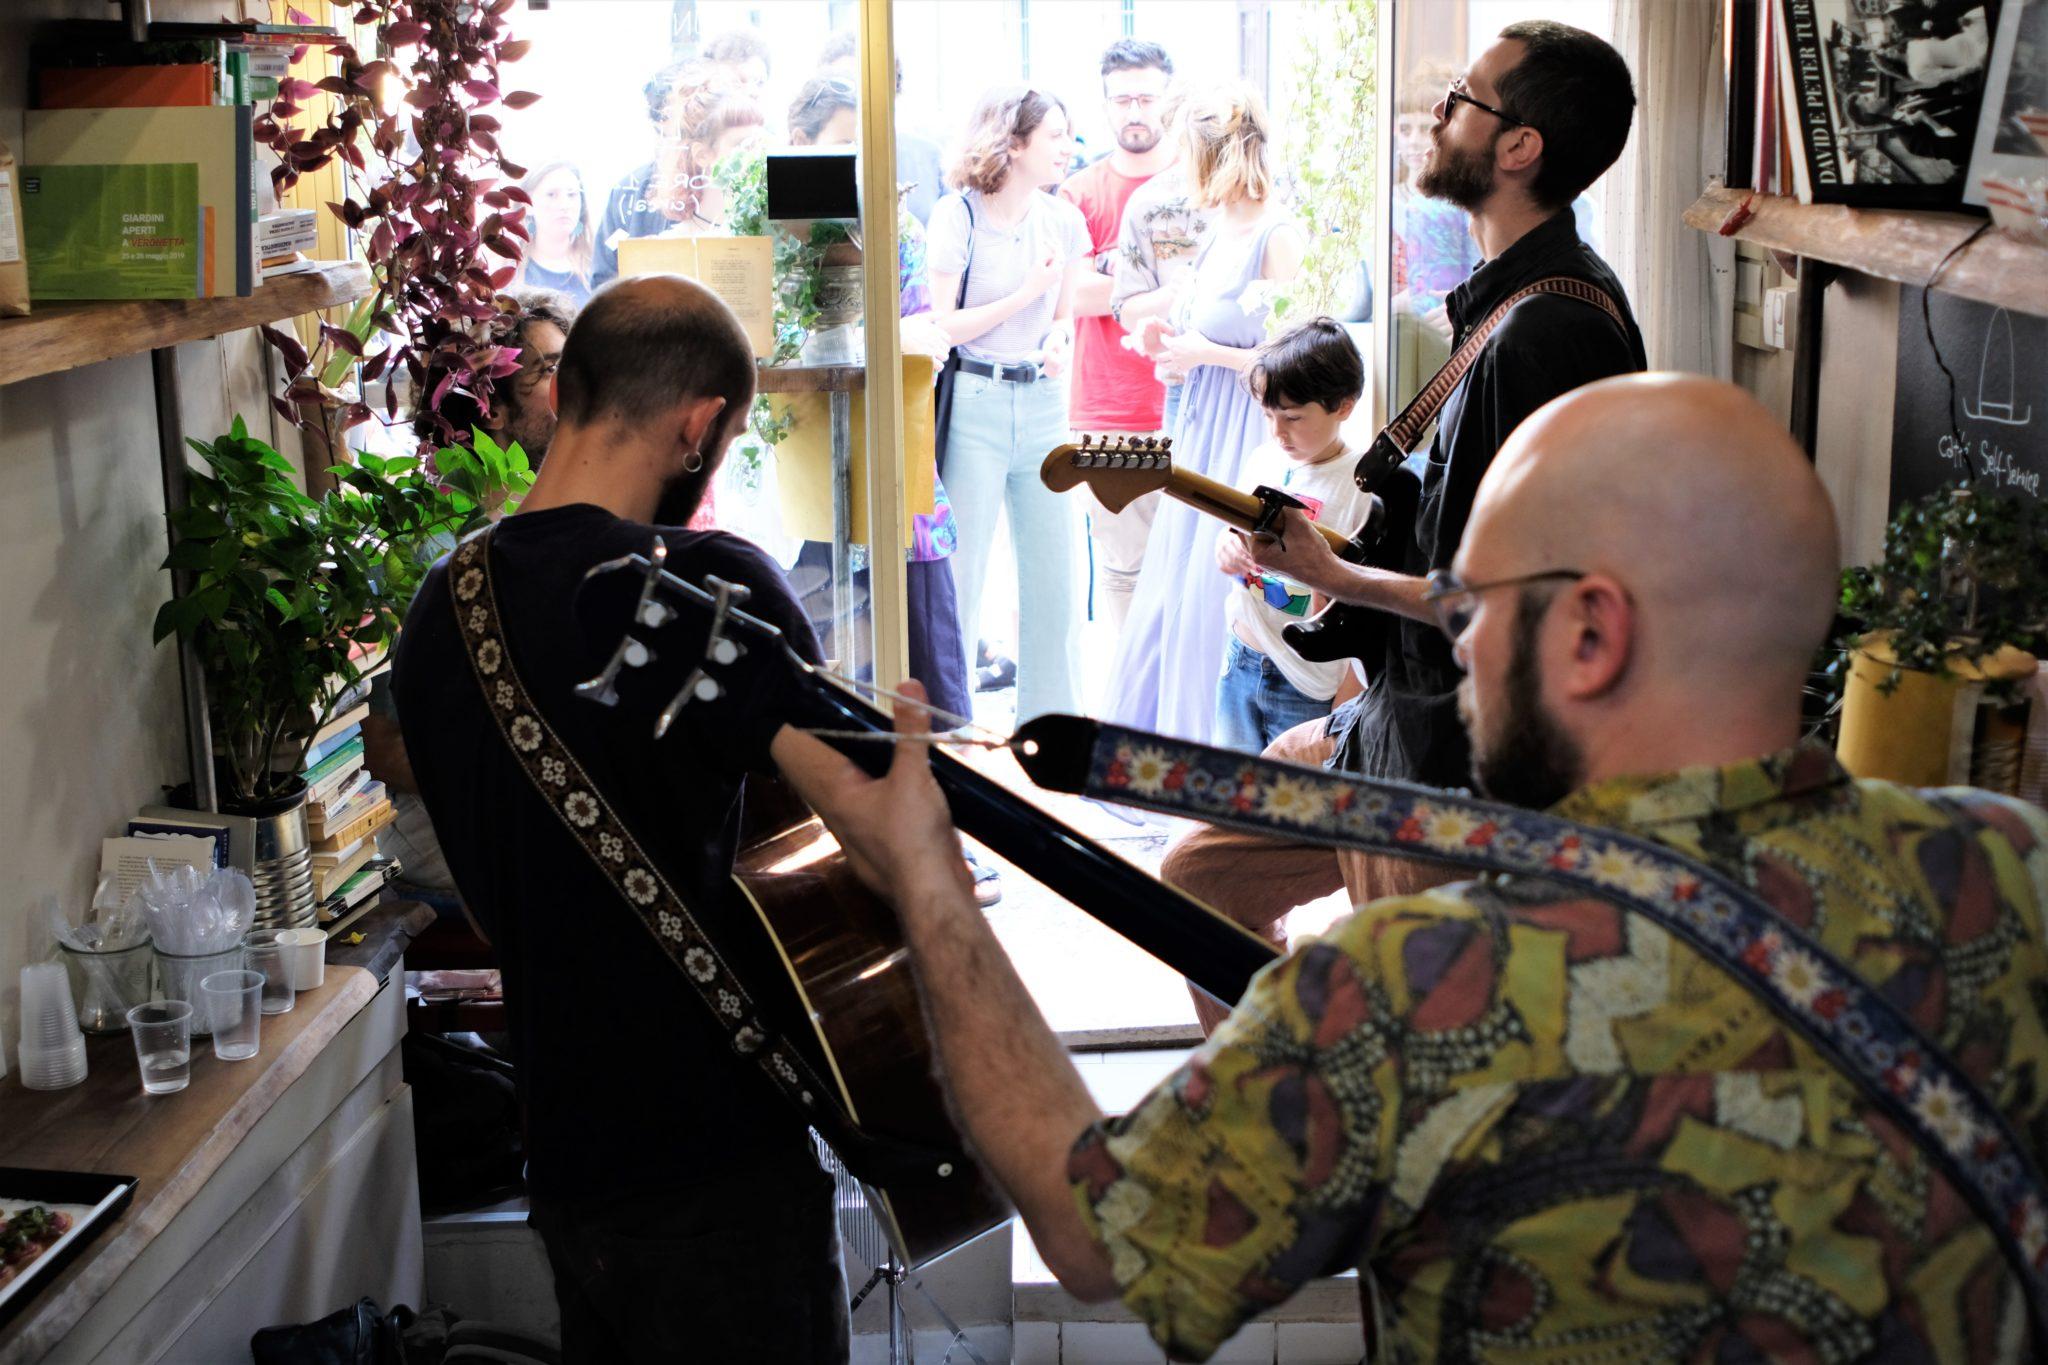 La band folk psichedelica dei C+C=Maxigross ha intrapreso Deserto Verona, una serie di concerti in ogni luogo aperto della loro città. La nostra intervista